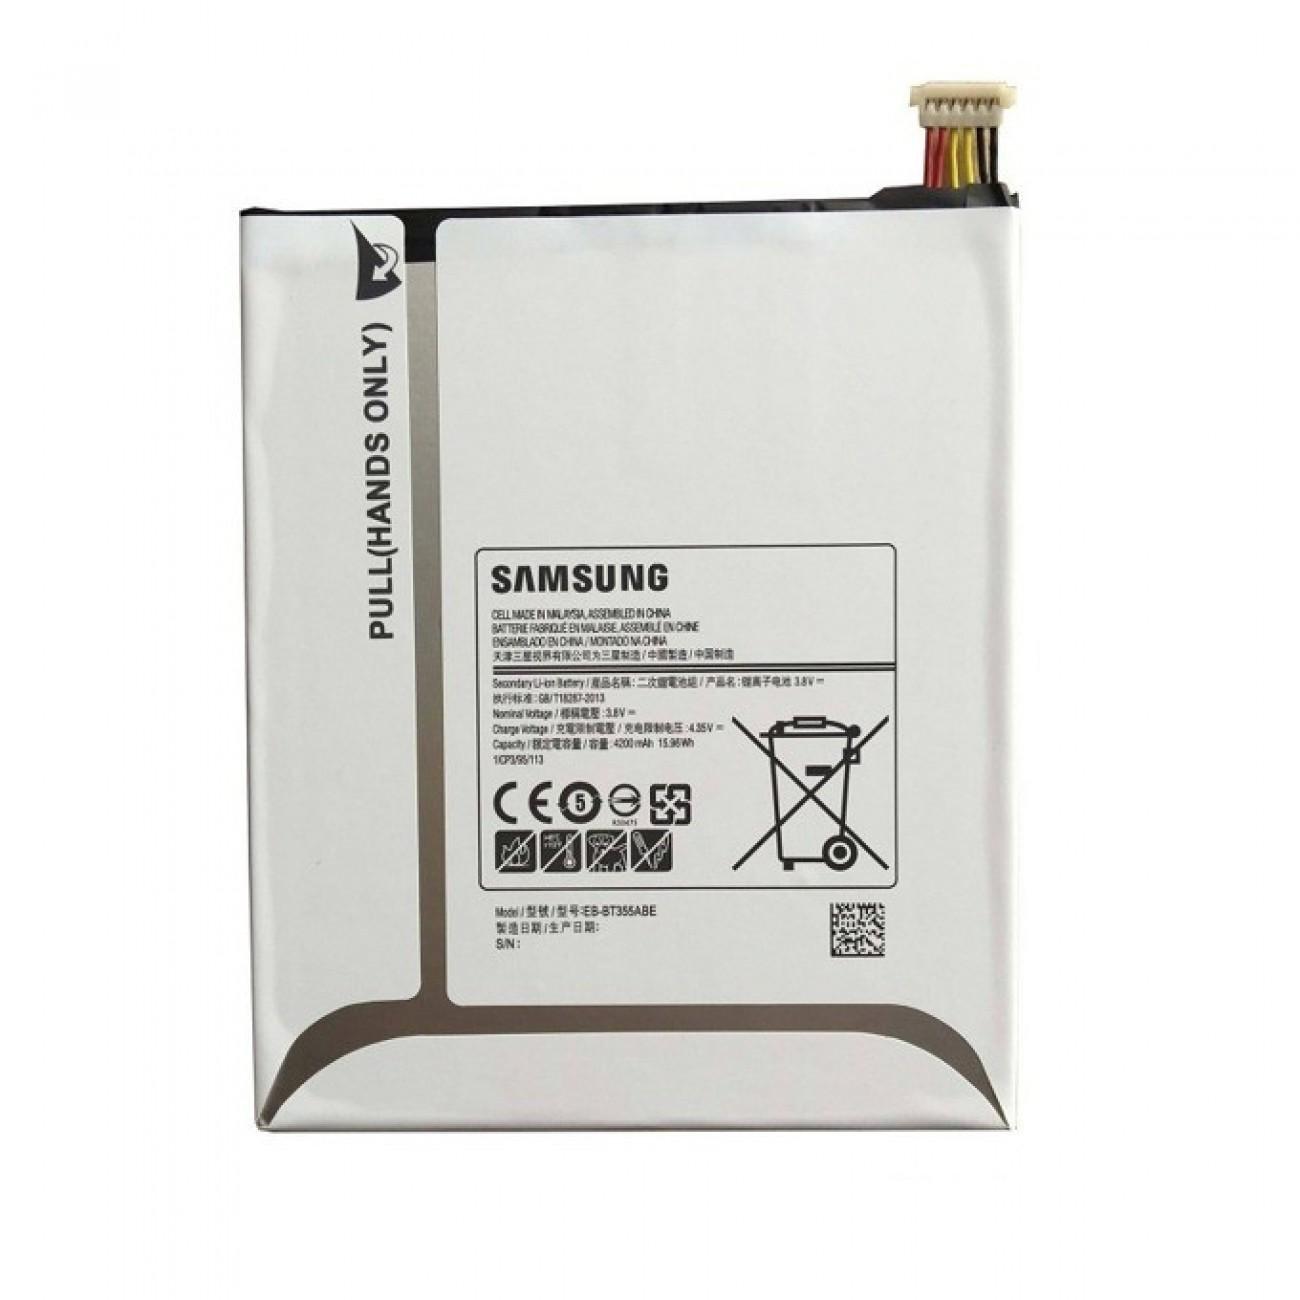 Батерия (оригинална) Samsung EB-BT355ABE, за Samsung Galaxy Tab A 8.0 (SM-T350/SM-T355, 4200mAh/3.8V, Bulk в Батерии за Телефони, Таблети -  | Alleop